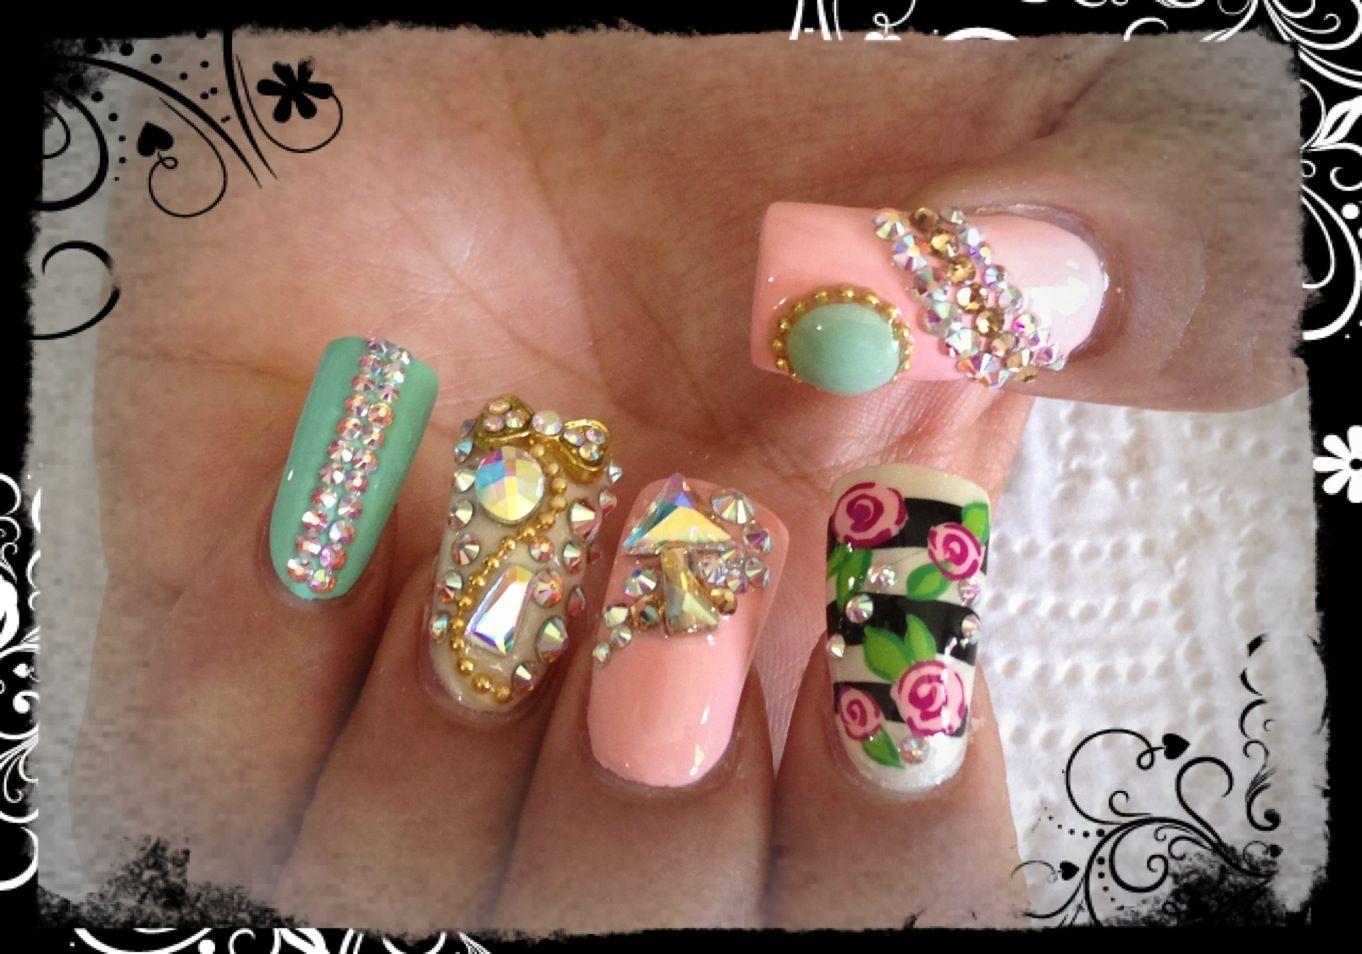 Uñas Liz Coral, menta y Flores | Blin blin | Pinterest | Menta ...